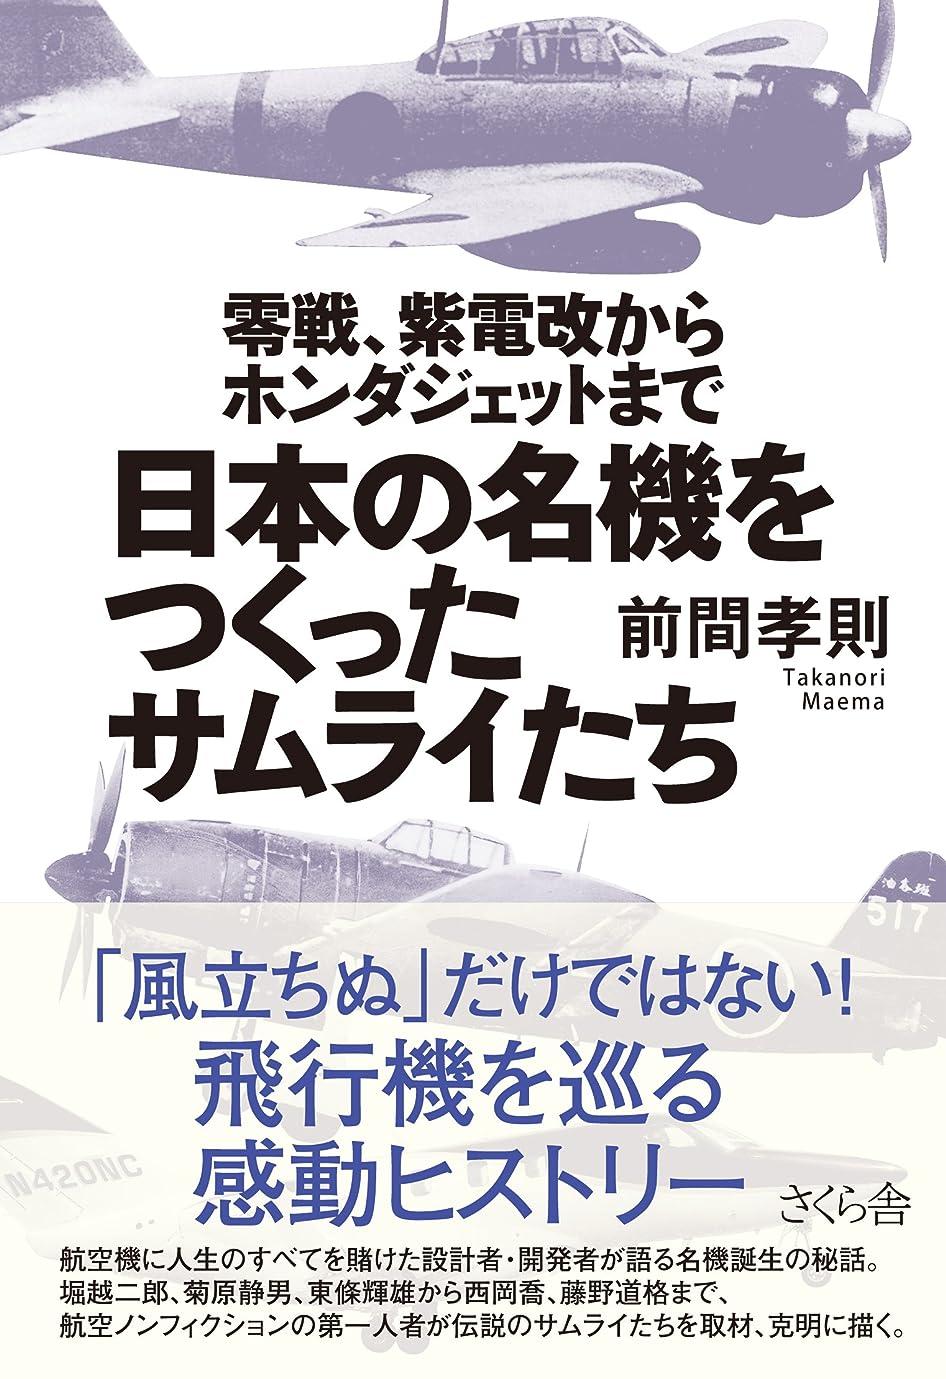 見つけるペストどこでも日本の名機をつくったサムライたち